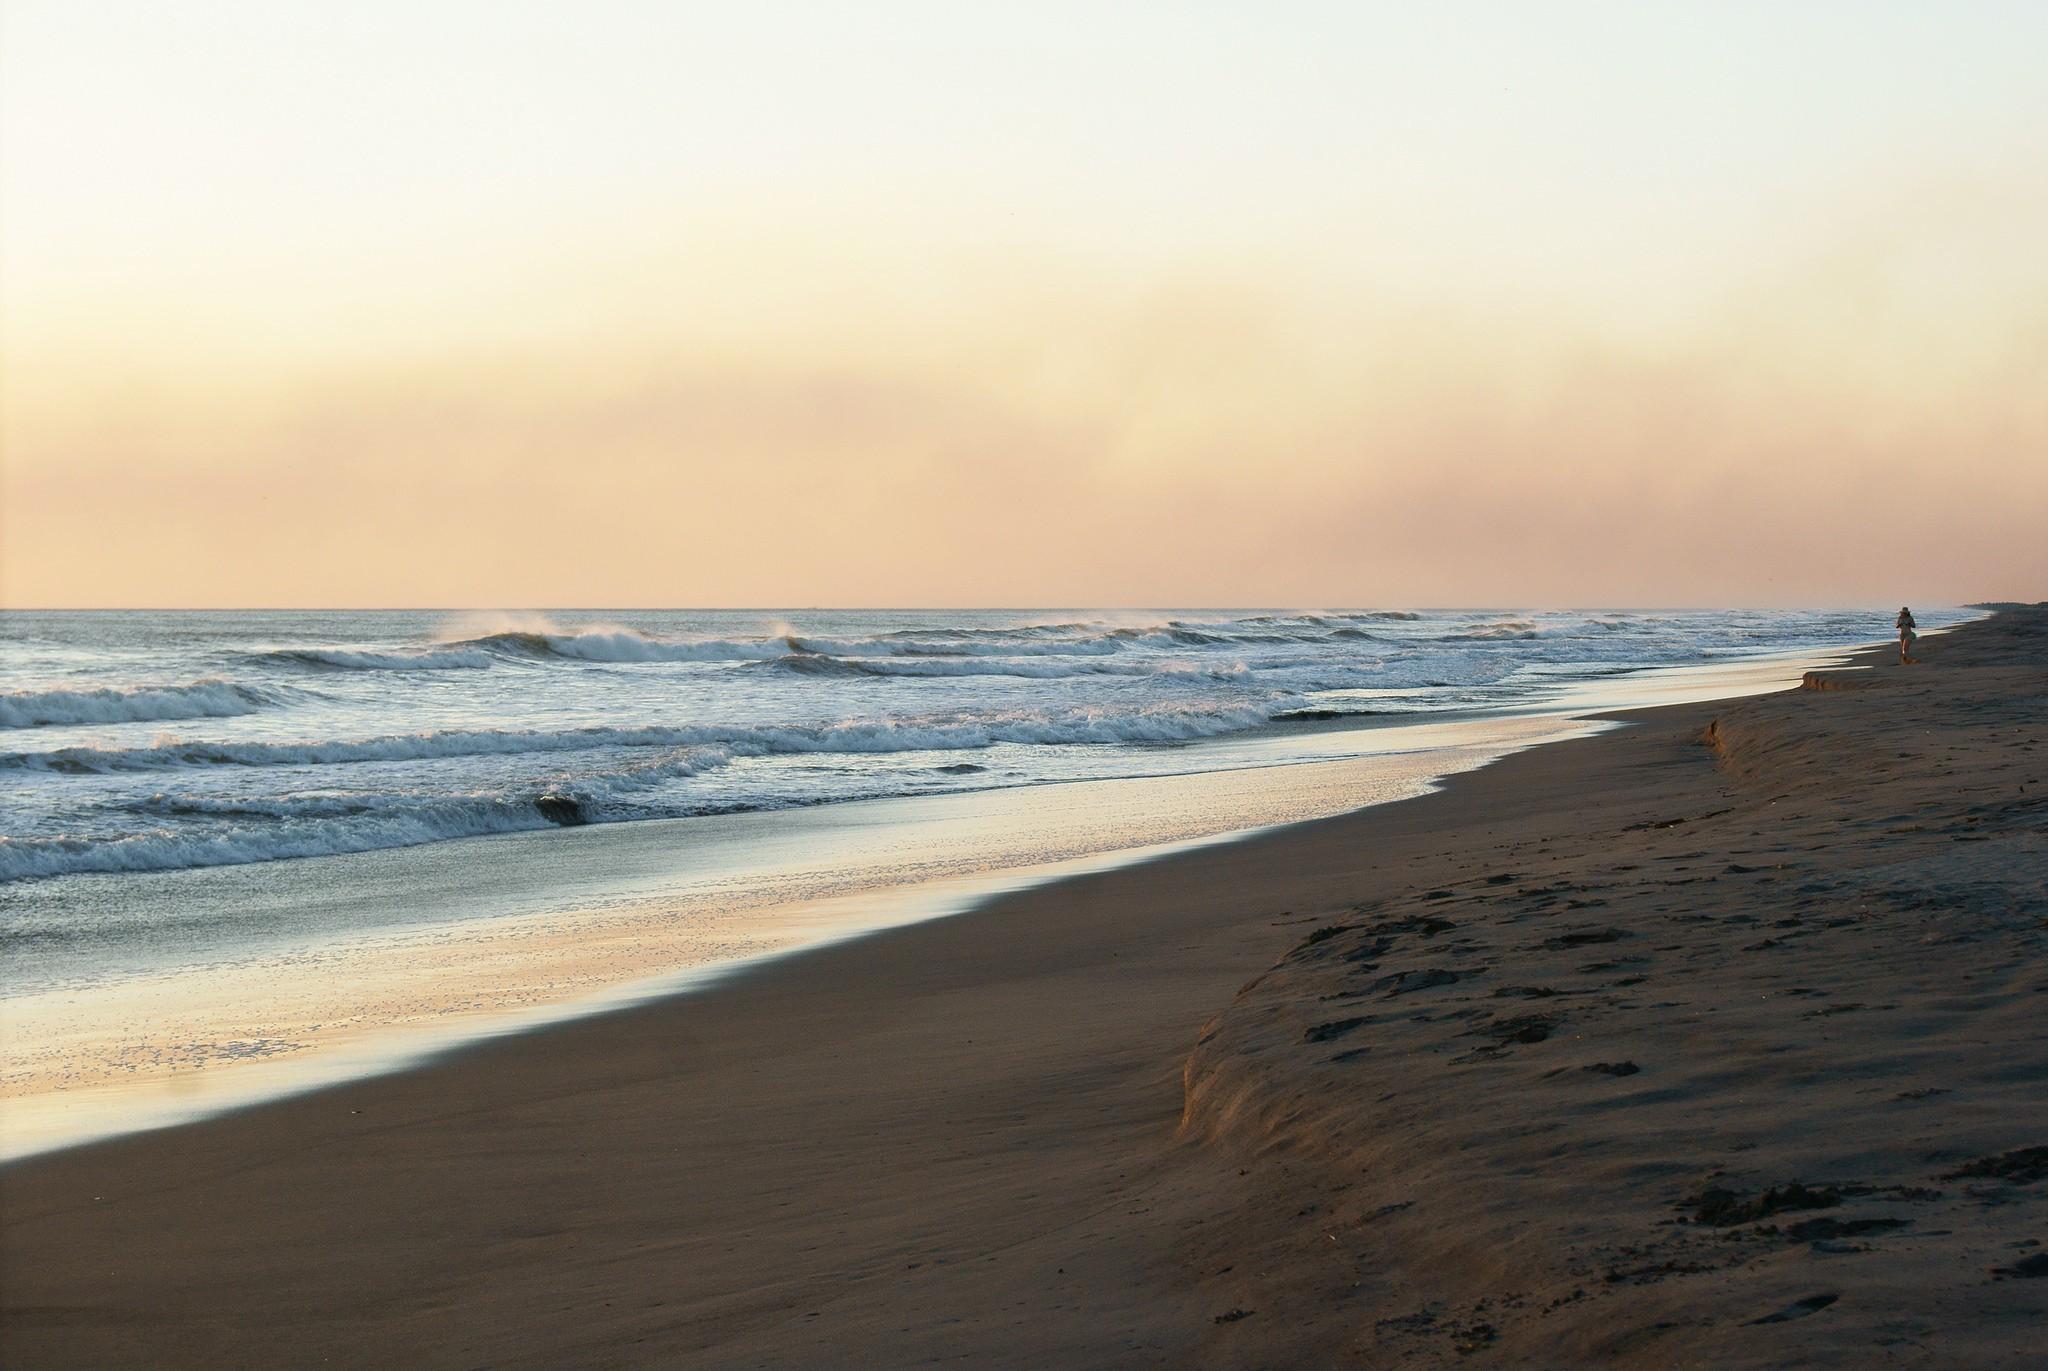 Calendario 2019 Semana Santa Mexico Mejores Y Más Novedosos 6 Playas De México Para Viajar En Semana Santa Poco Conocidas